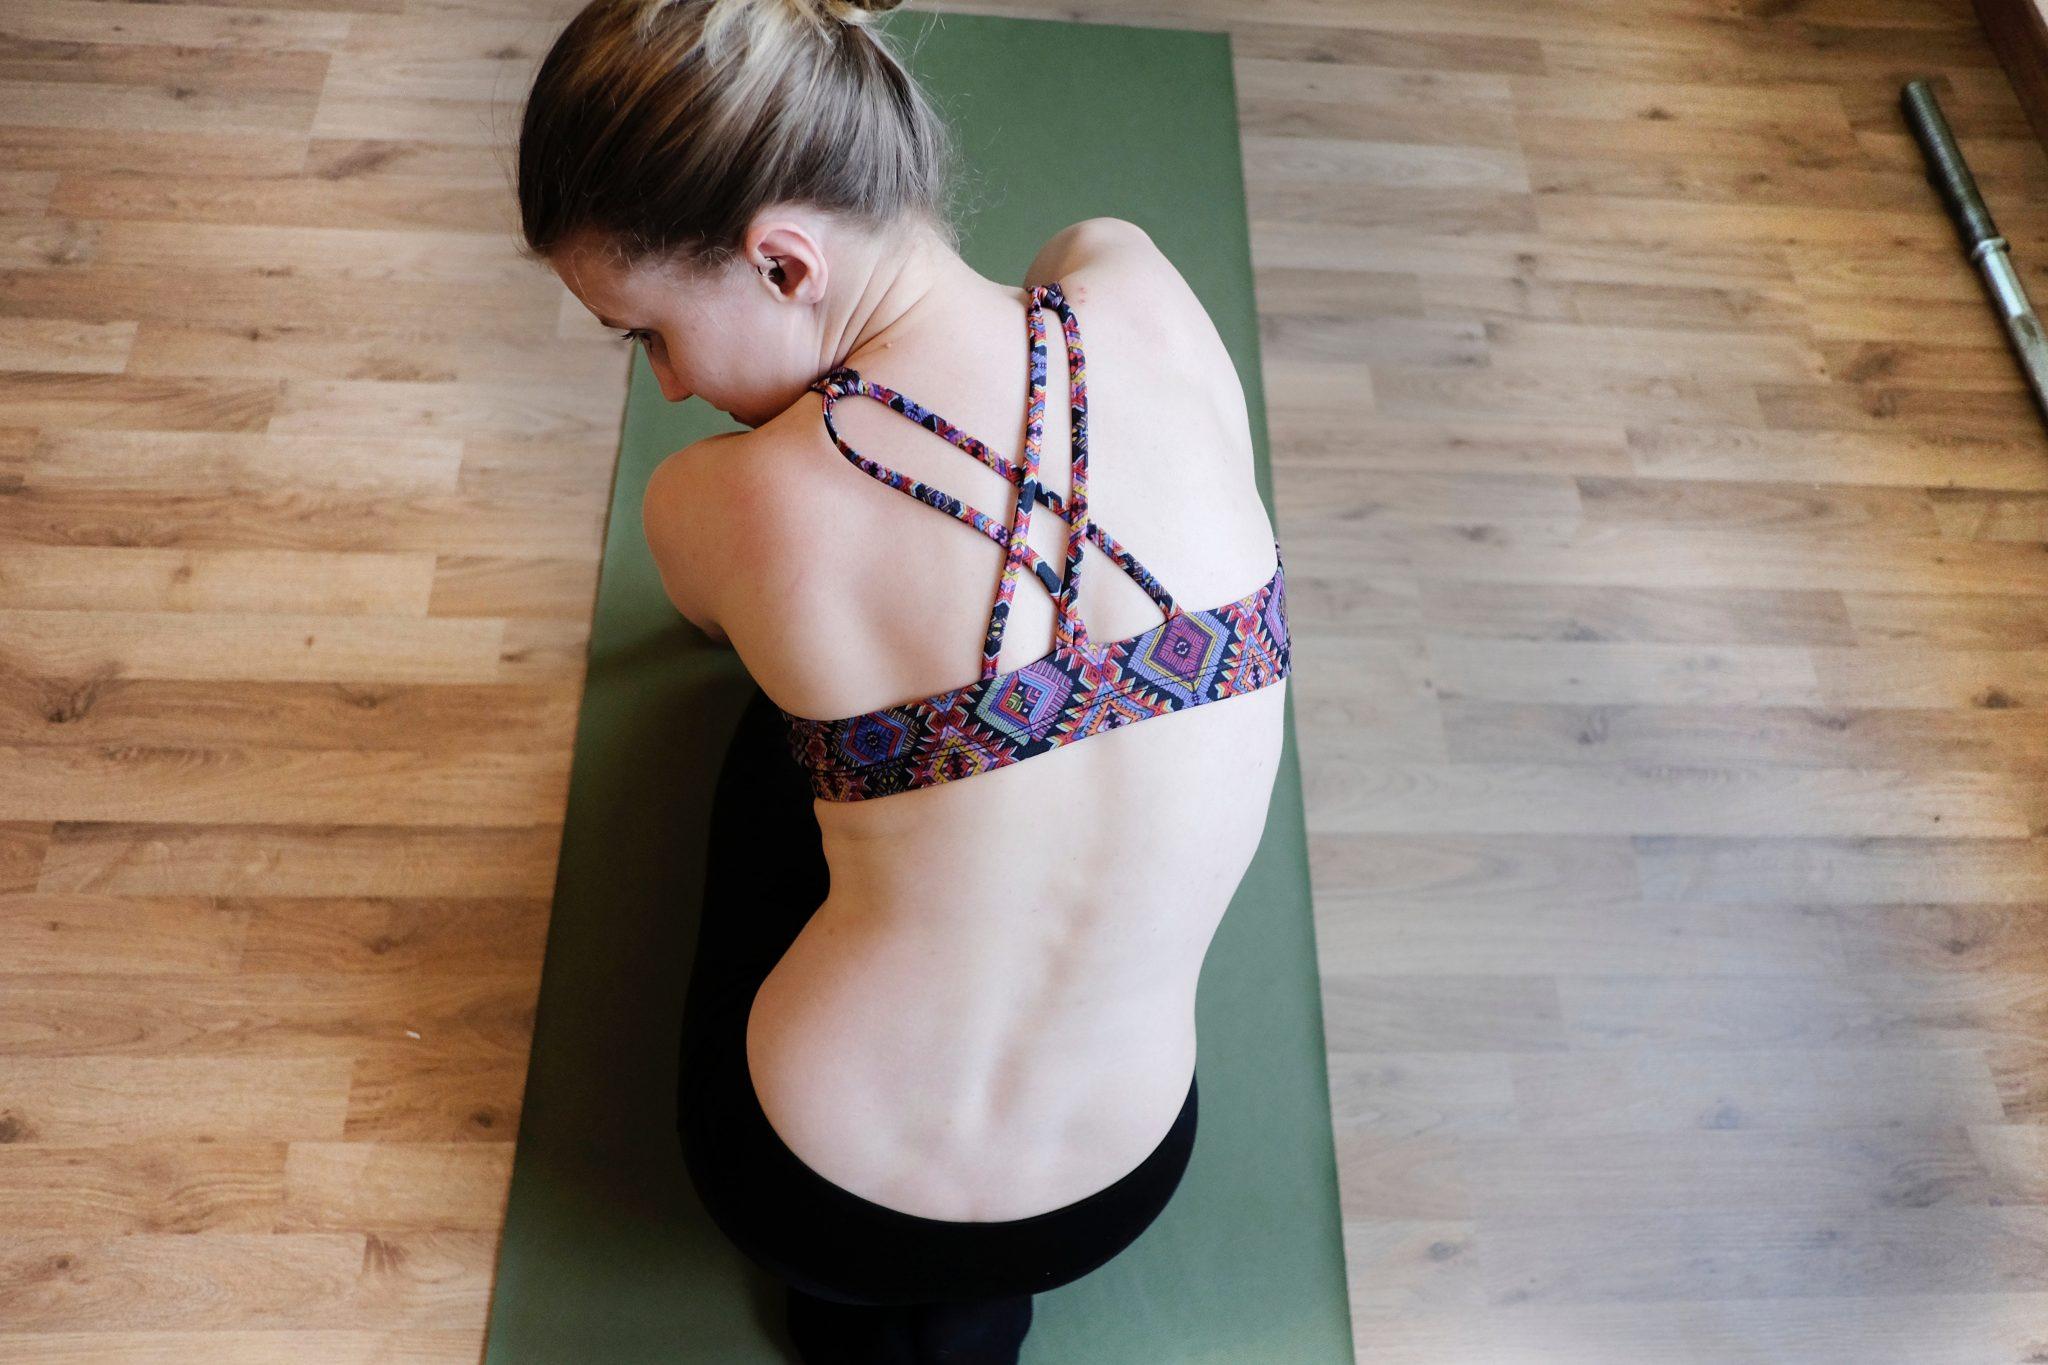 Donna su un tappetino da yoga in una fase iniziale del ciclo - foto in CC tatianaberlaffa.com